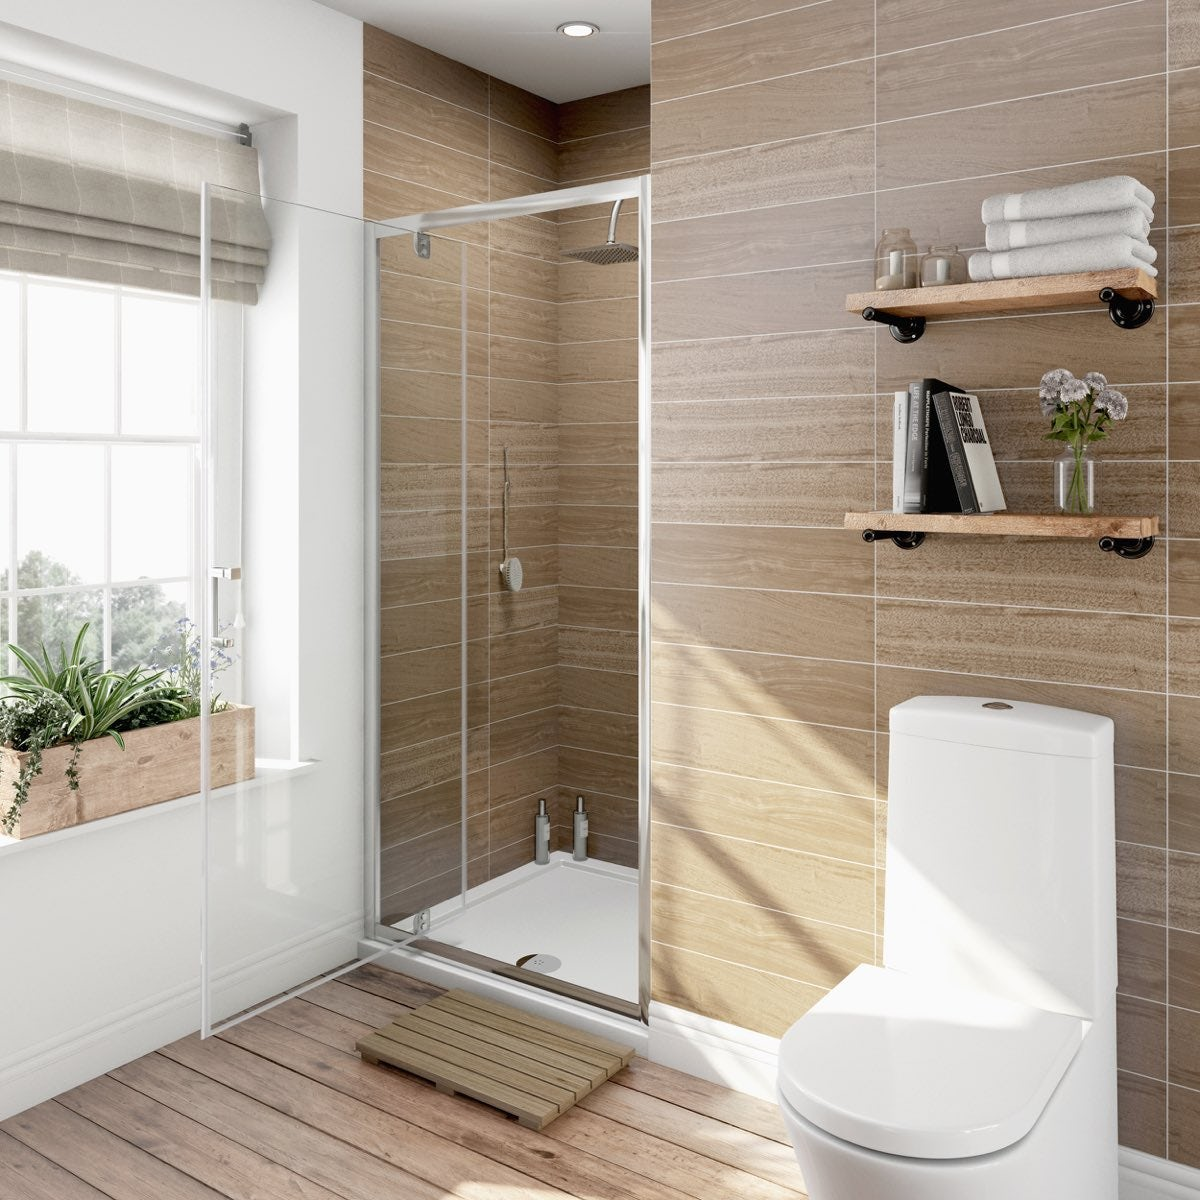 700mm Pivot Shower Door - 6mm Glass - Contemporary - Rectangular